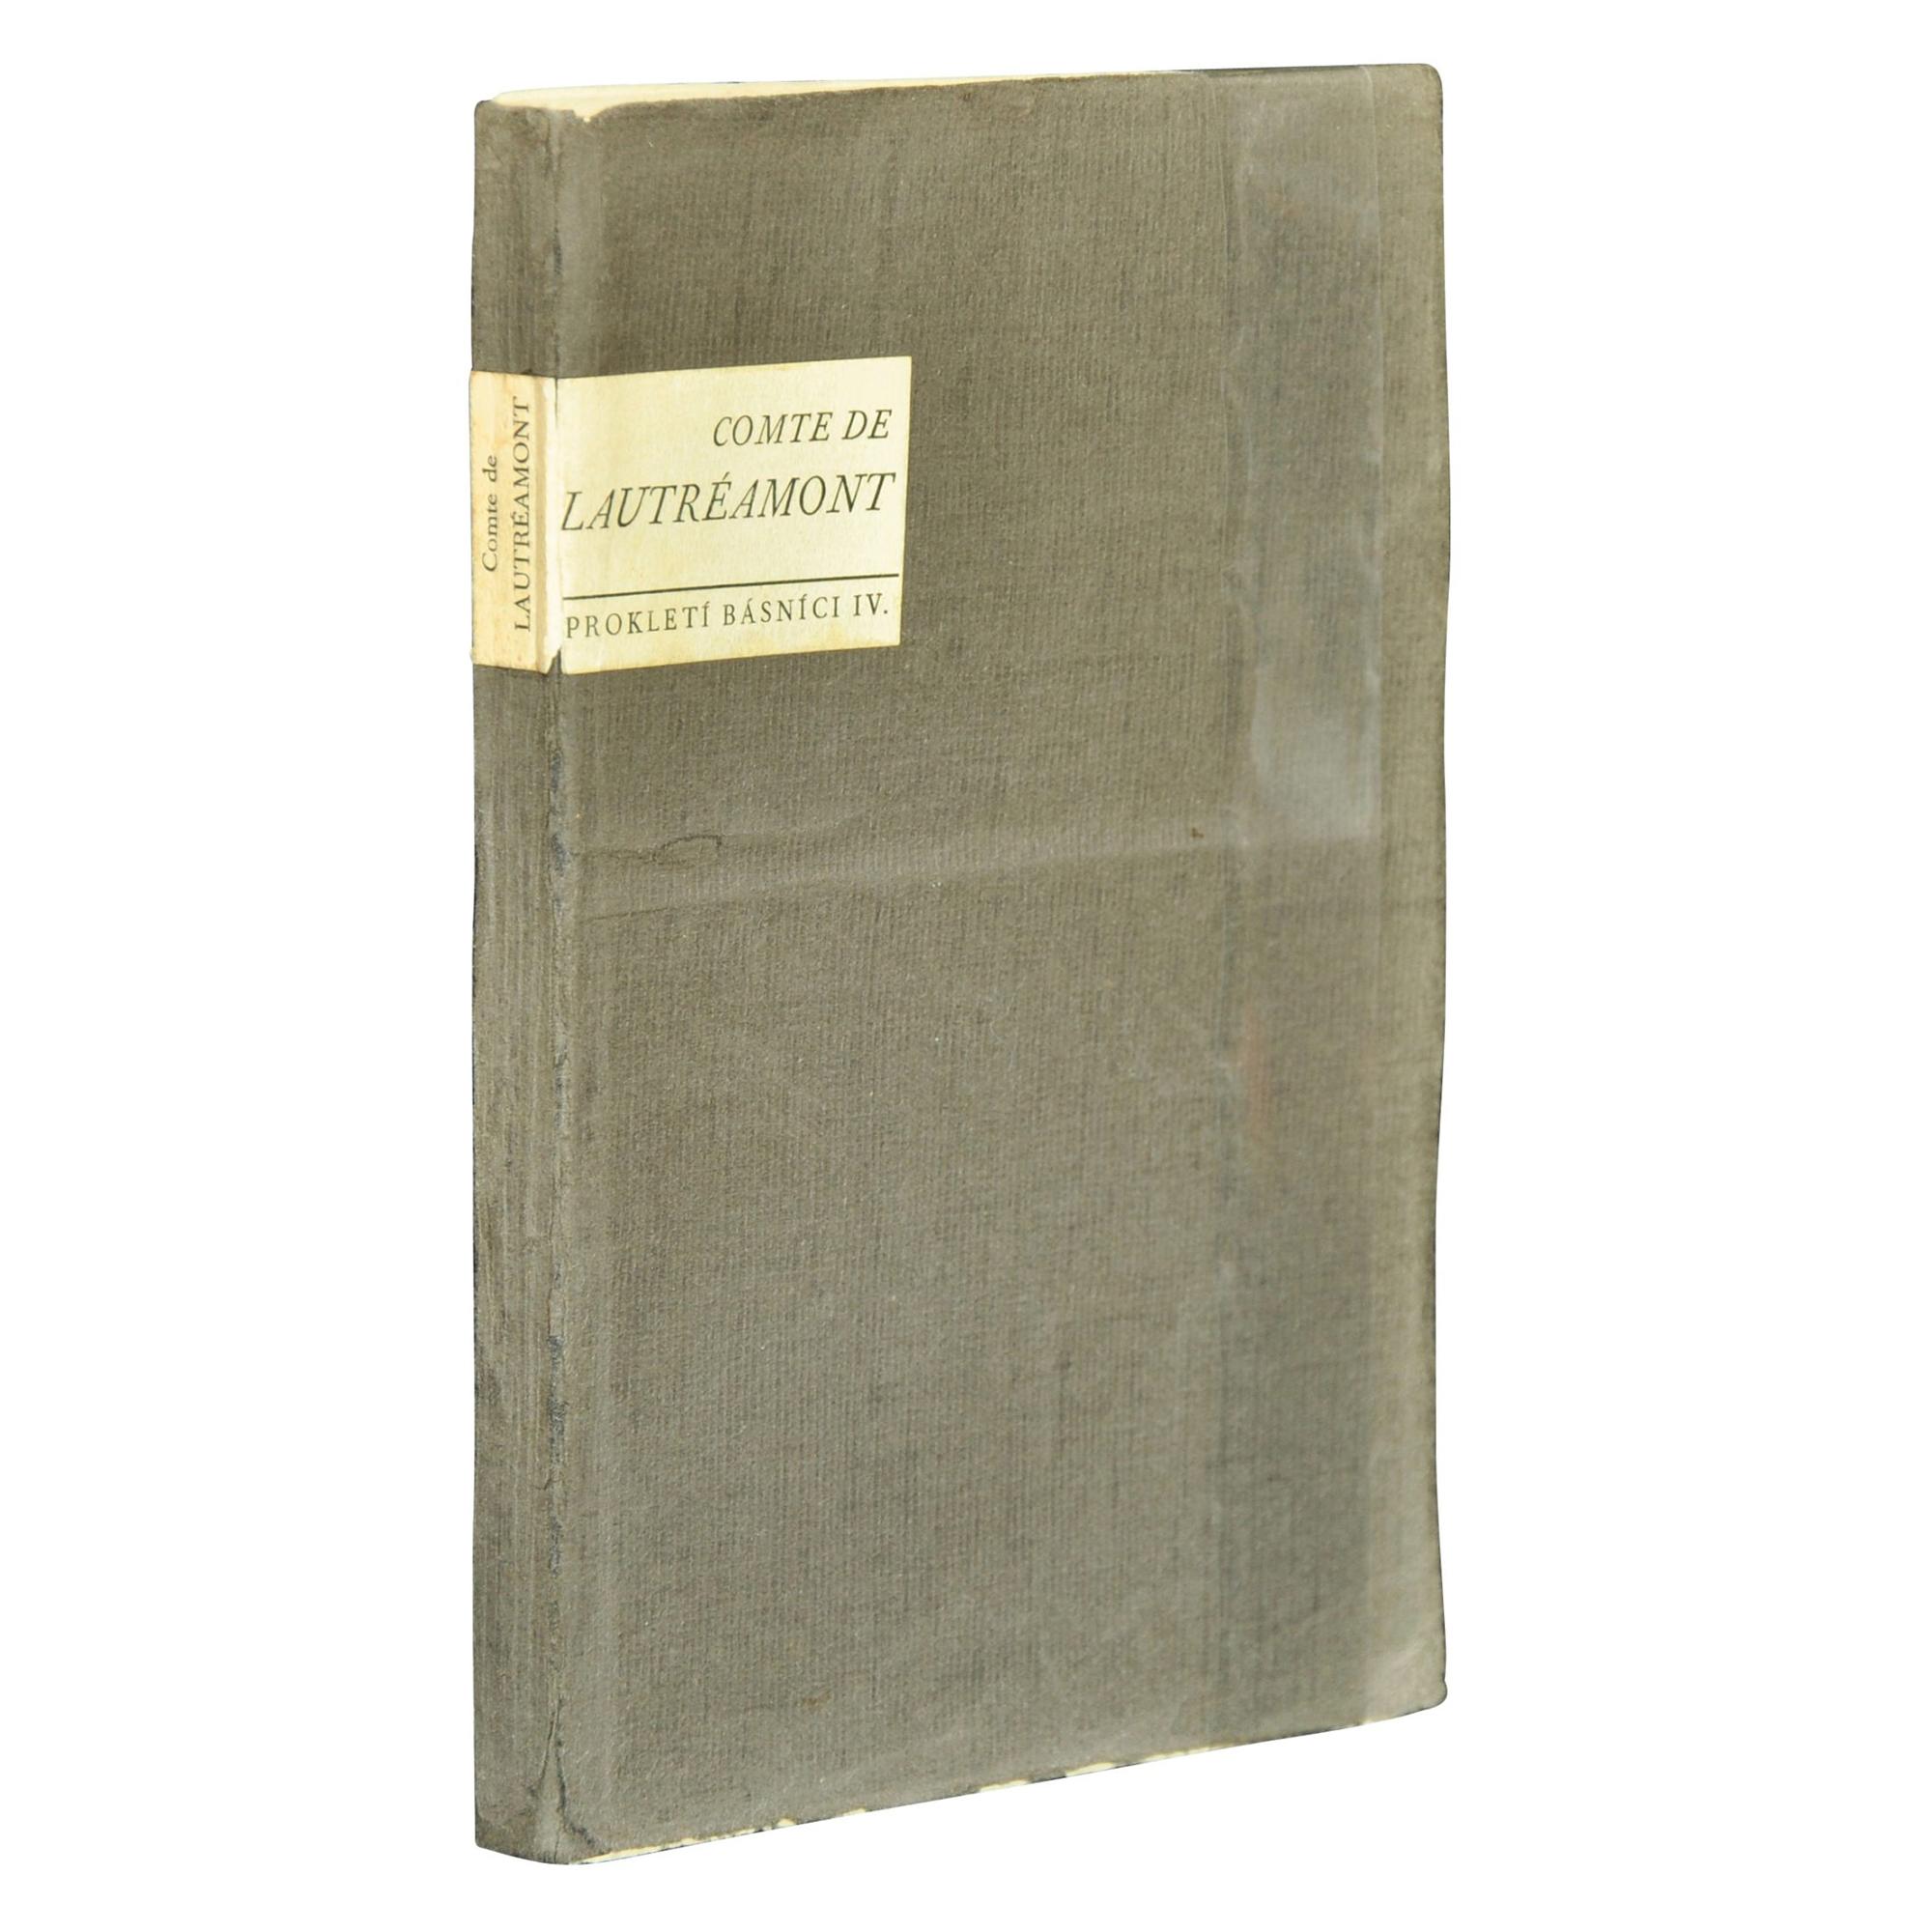 20-1362-Lautreamont-Obrtel-Maldoror-1929-1-1200×2117-1.jpg